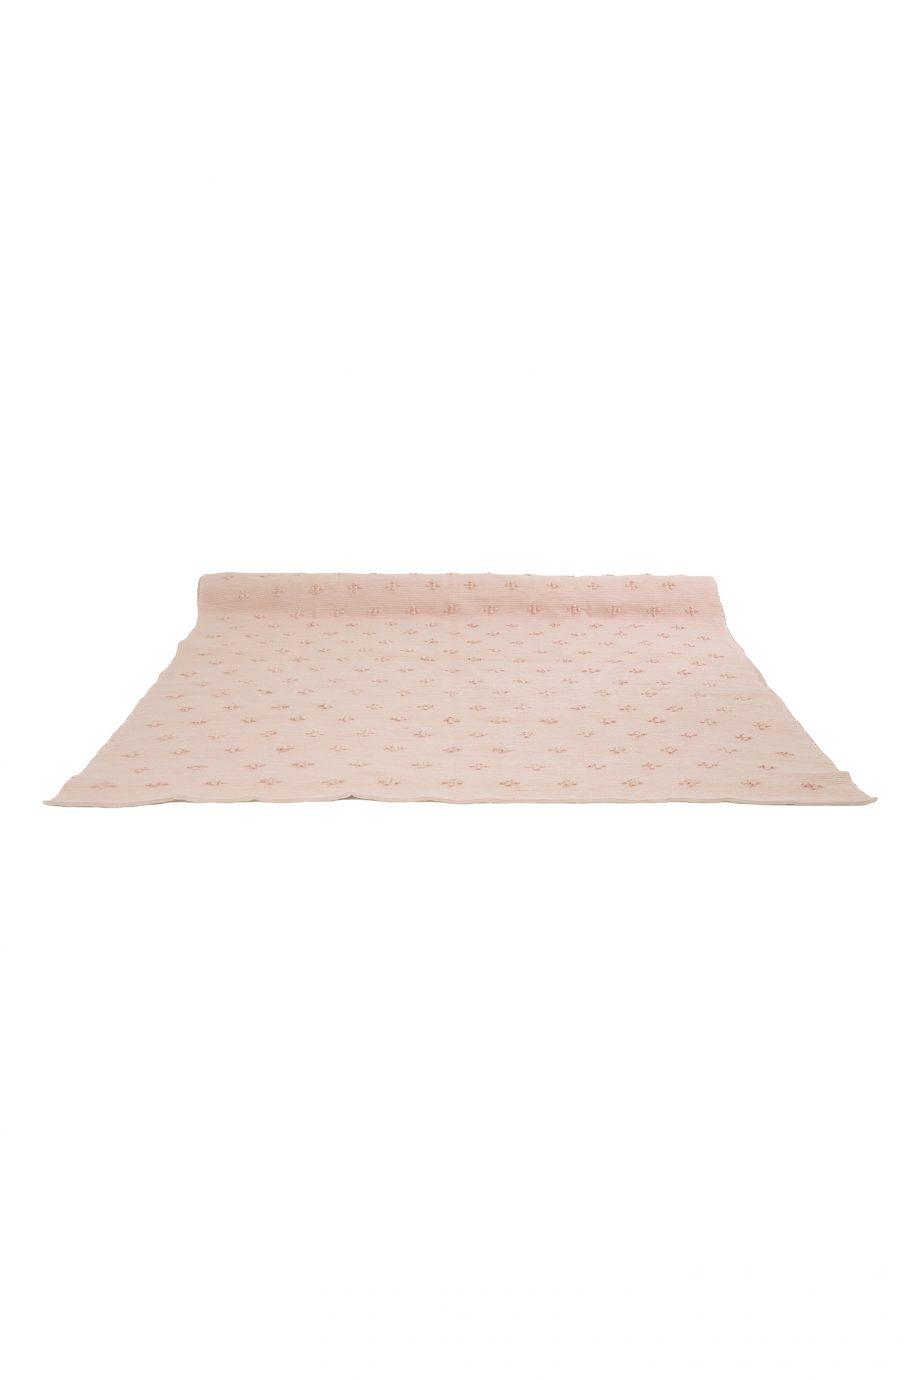 liz baby roze geweven katoenen kleed xlarge